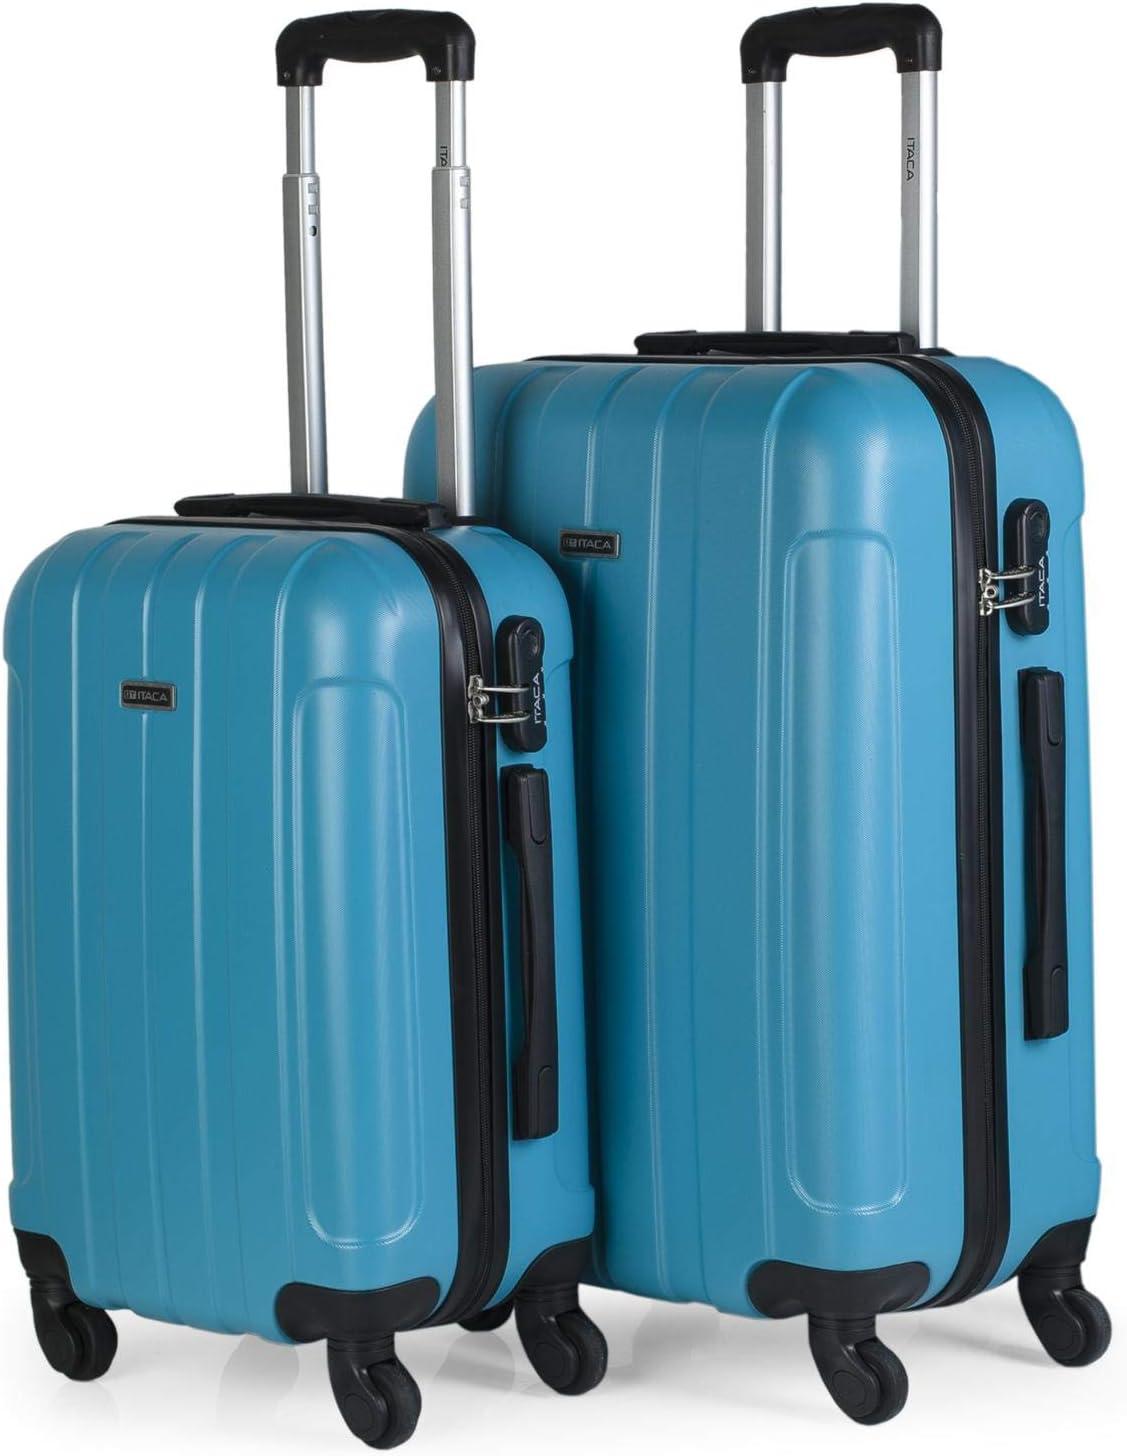 ITACA - Juego Maletas de Viaje Rígidas 4 Ruedas Trolley 55/65 cm ABS. Resistentes y Ligeras. Asas Candado. Pequeña Cabina Low Cost Ryanair y Mediana. Estudiante. 771115, Color Turquesa